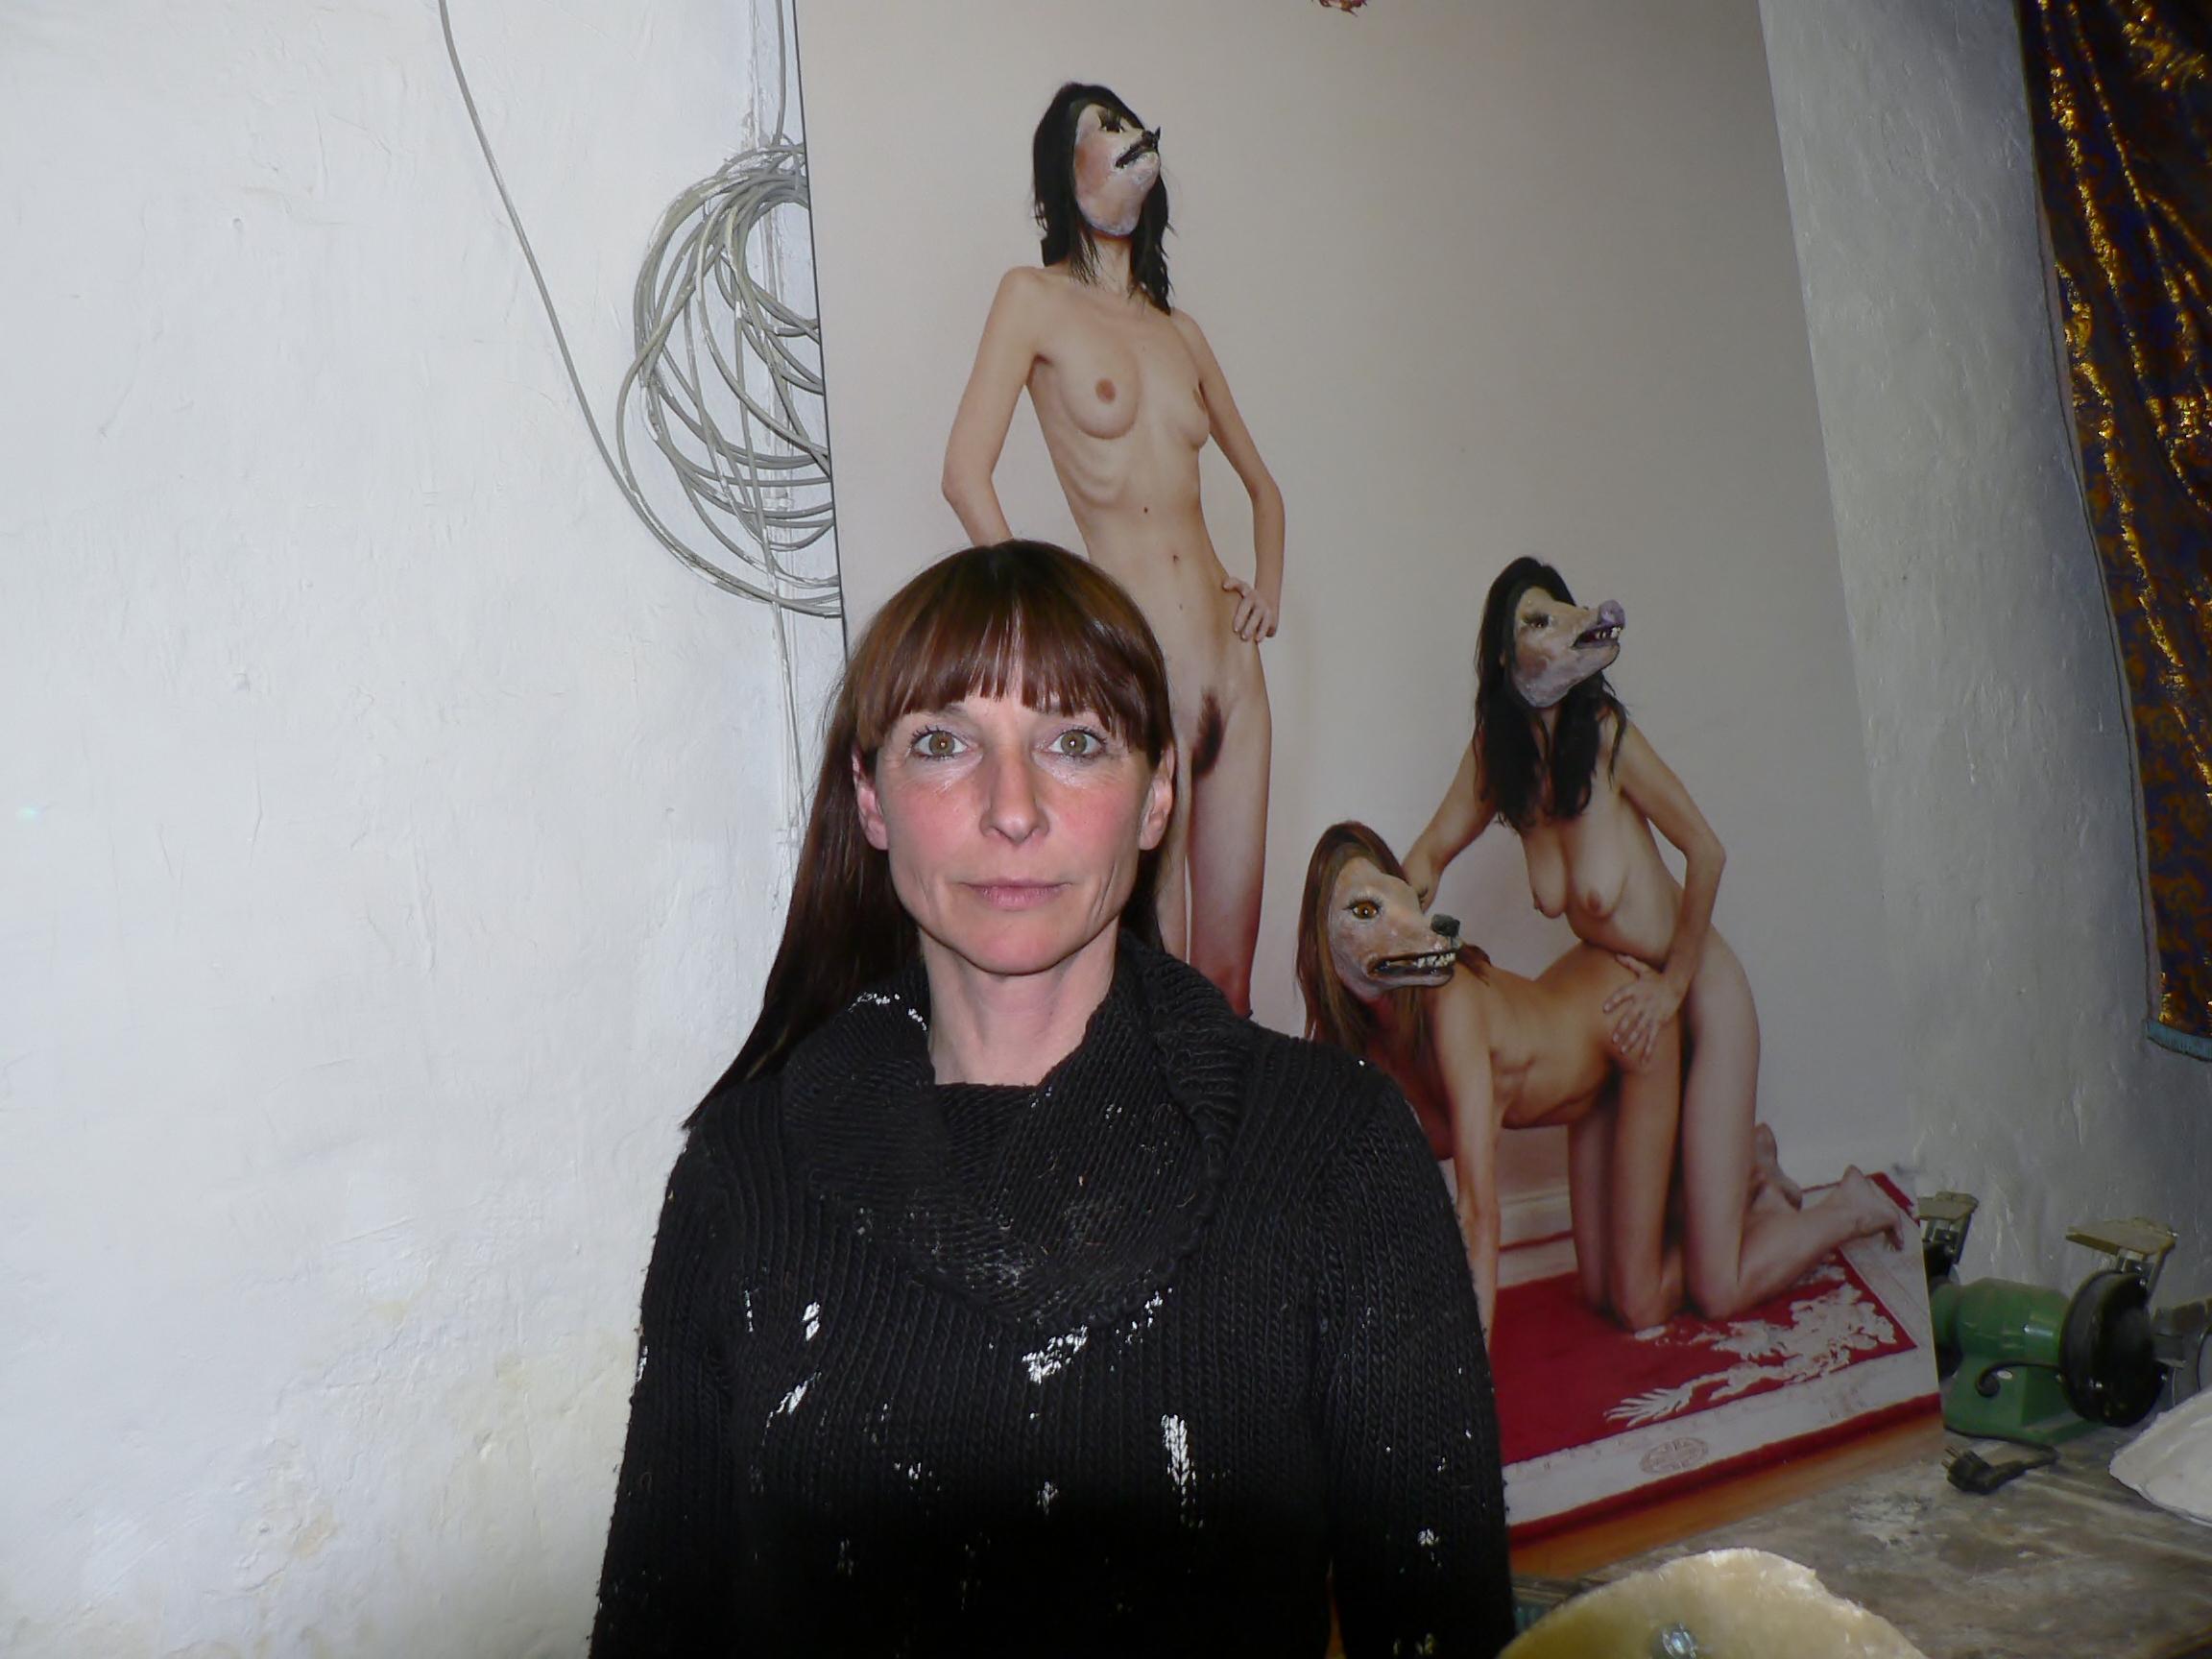 Iris Schieferstein: Bizarre Bildhauerin in bigotter Bundesrepublik